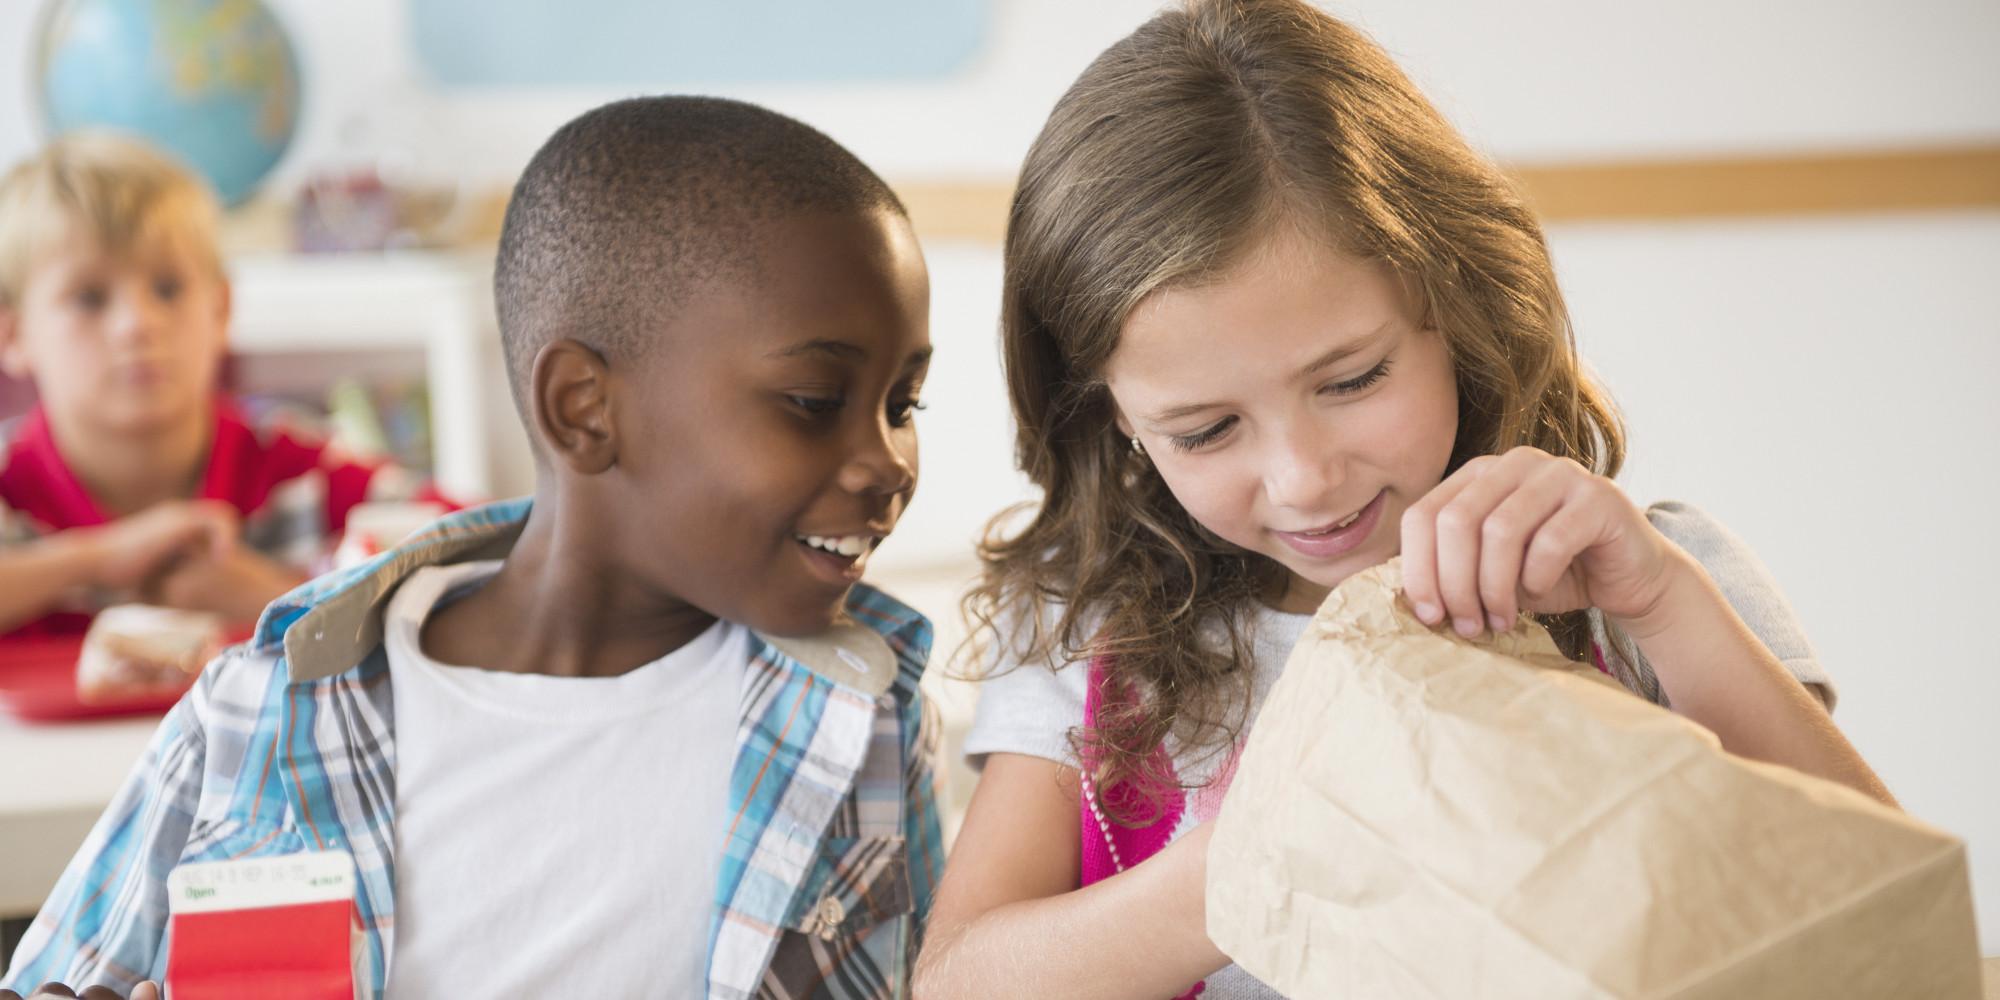 dietary guidelines for children in australia